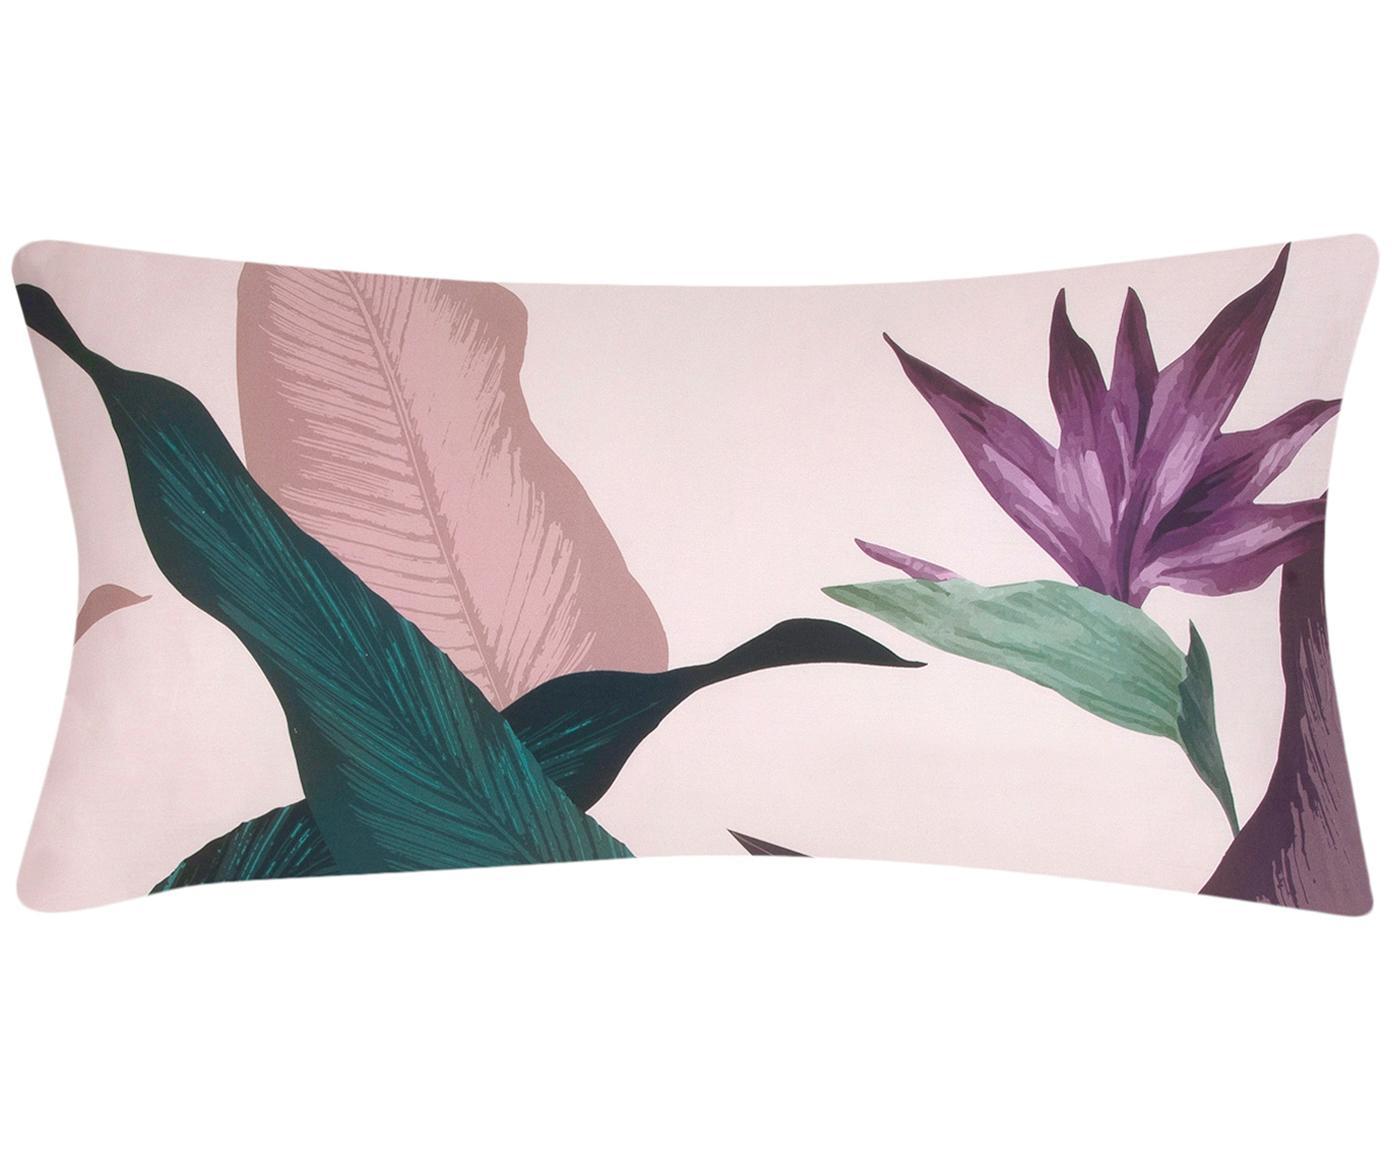 Poszewka na poduszkę z satyny bawełnianej Flora, 2 szt., Przód: wielobarwny Tył: brudny różowy, S 40 x D 80 cm